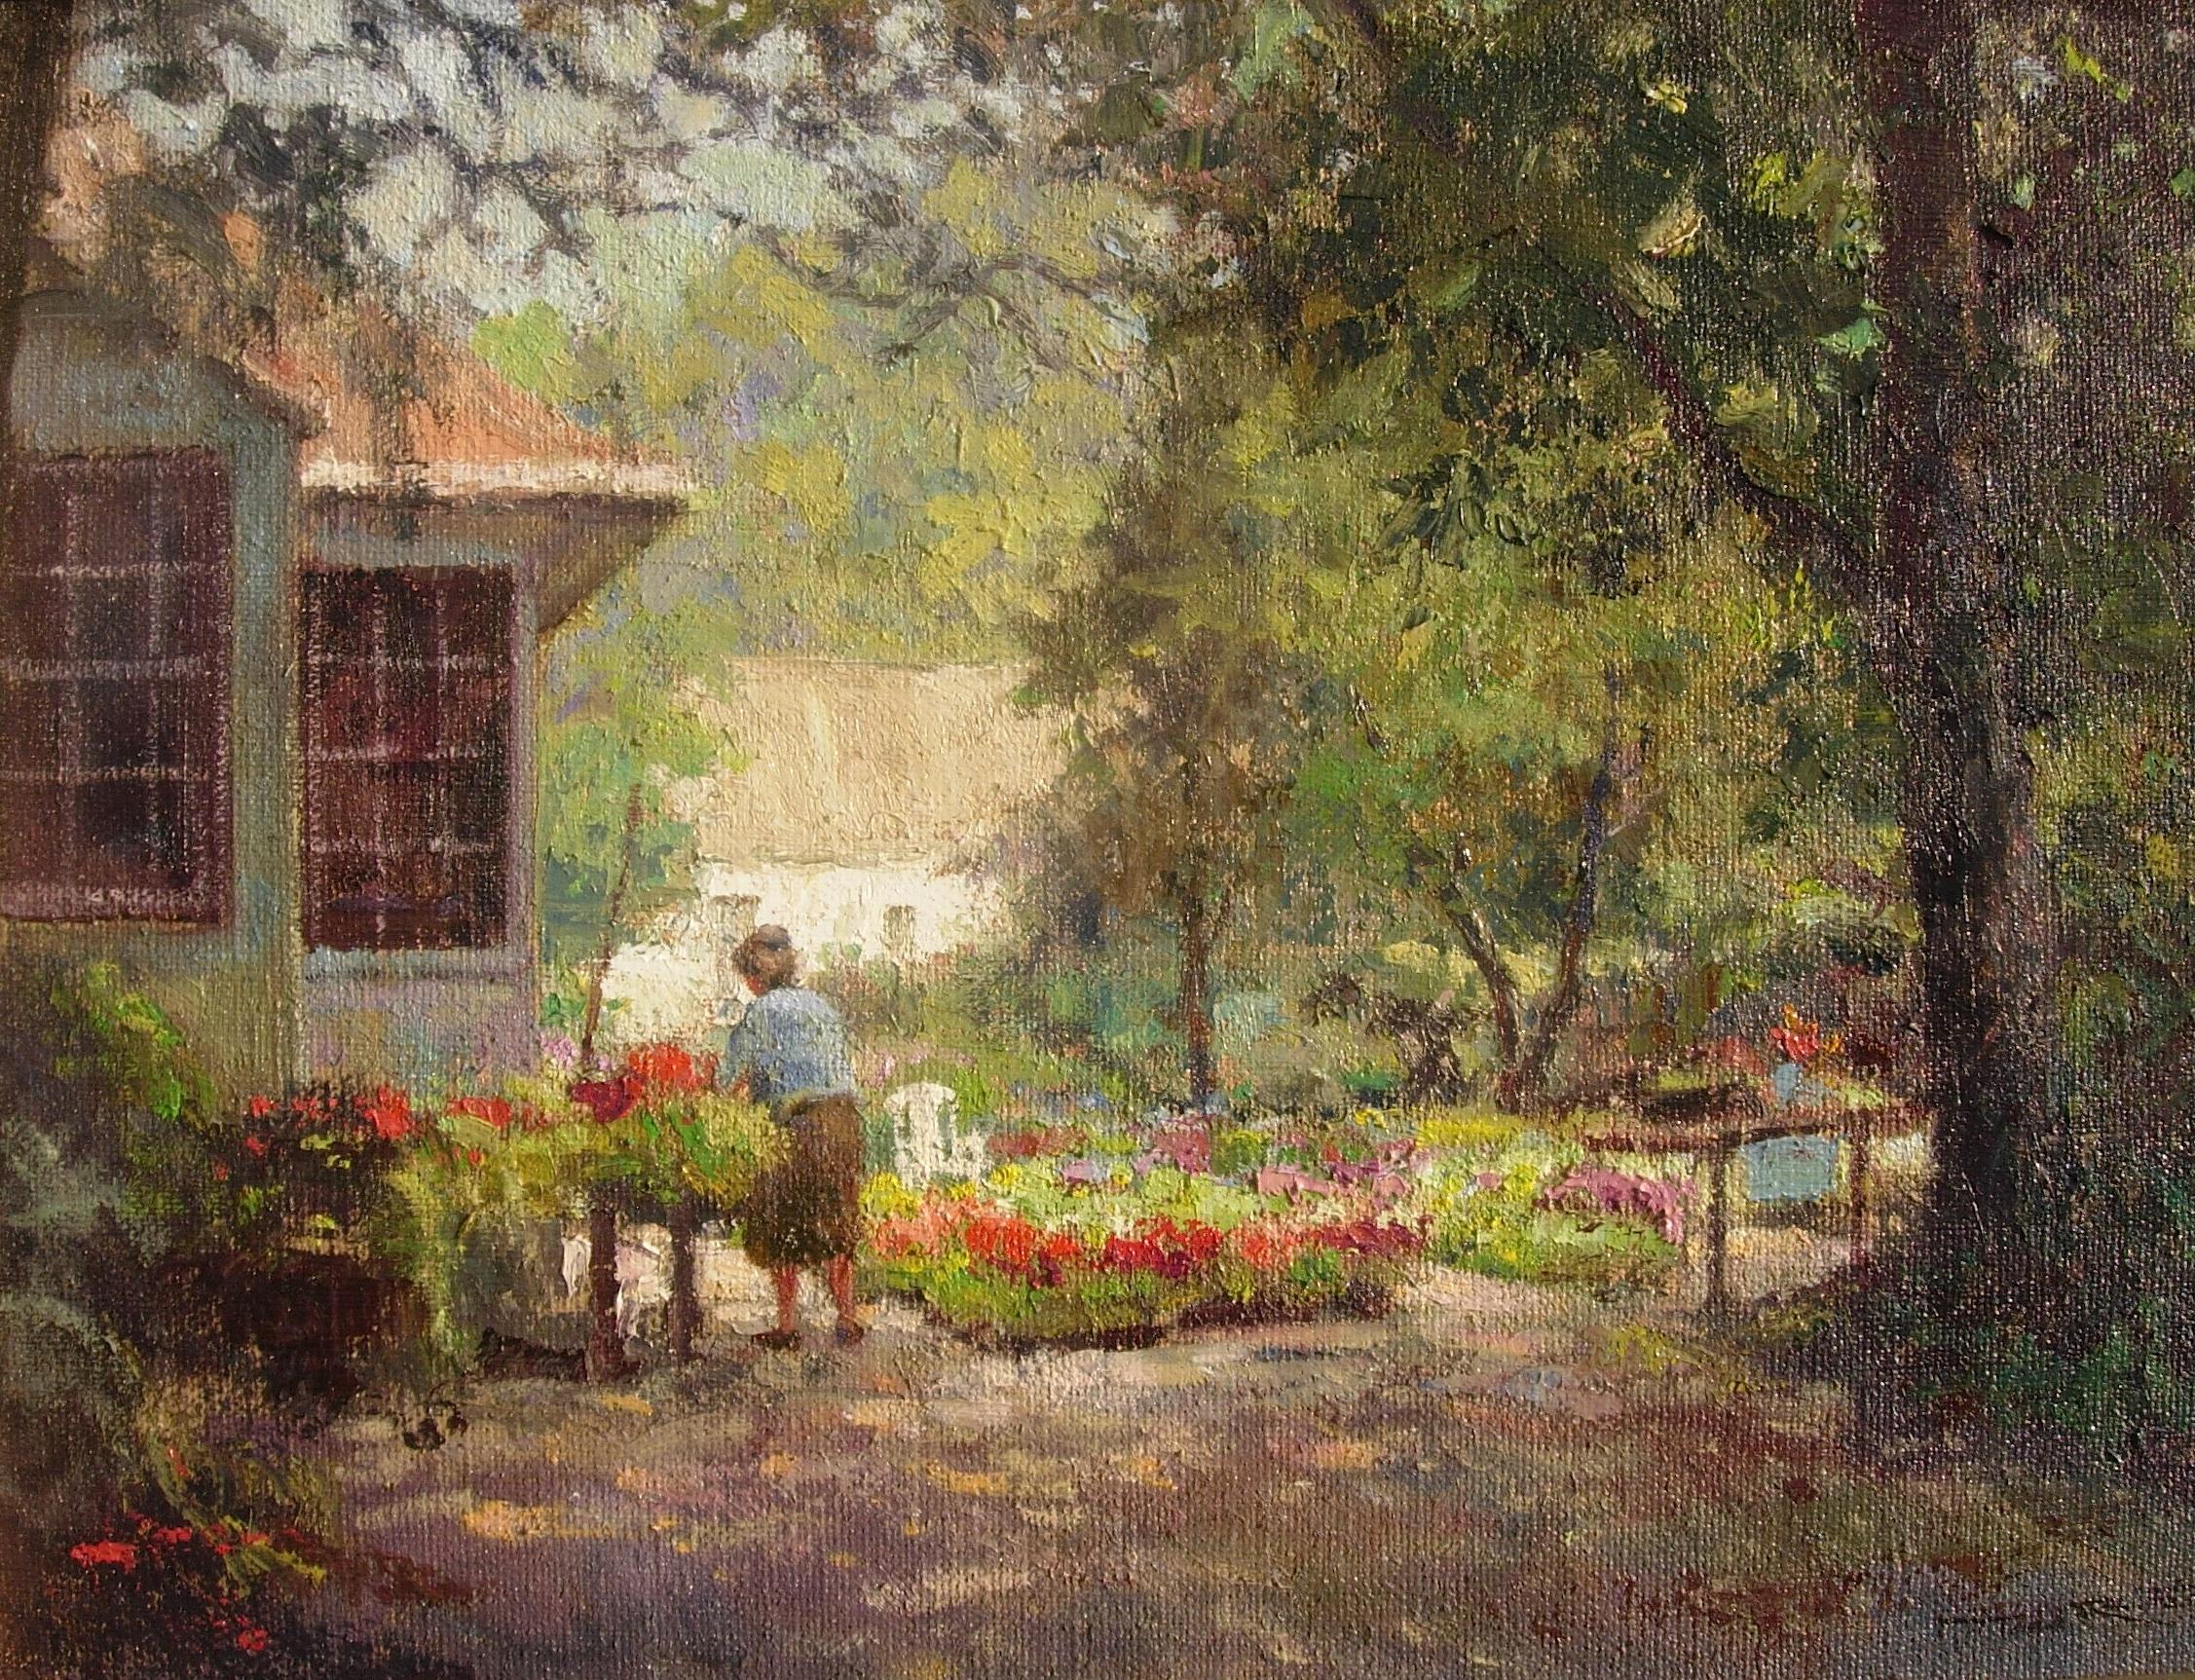 reifers-flowerssalenew-cropped